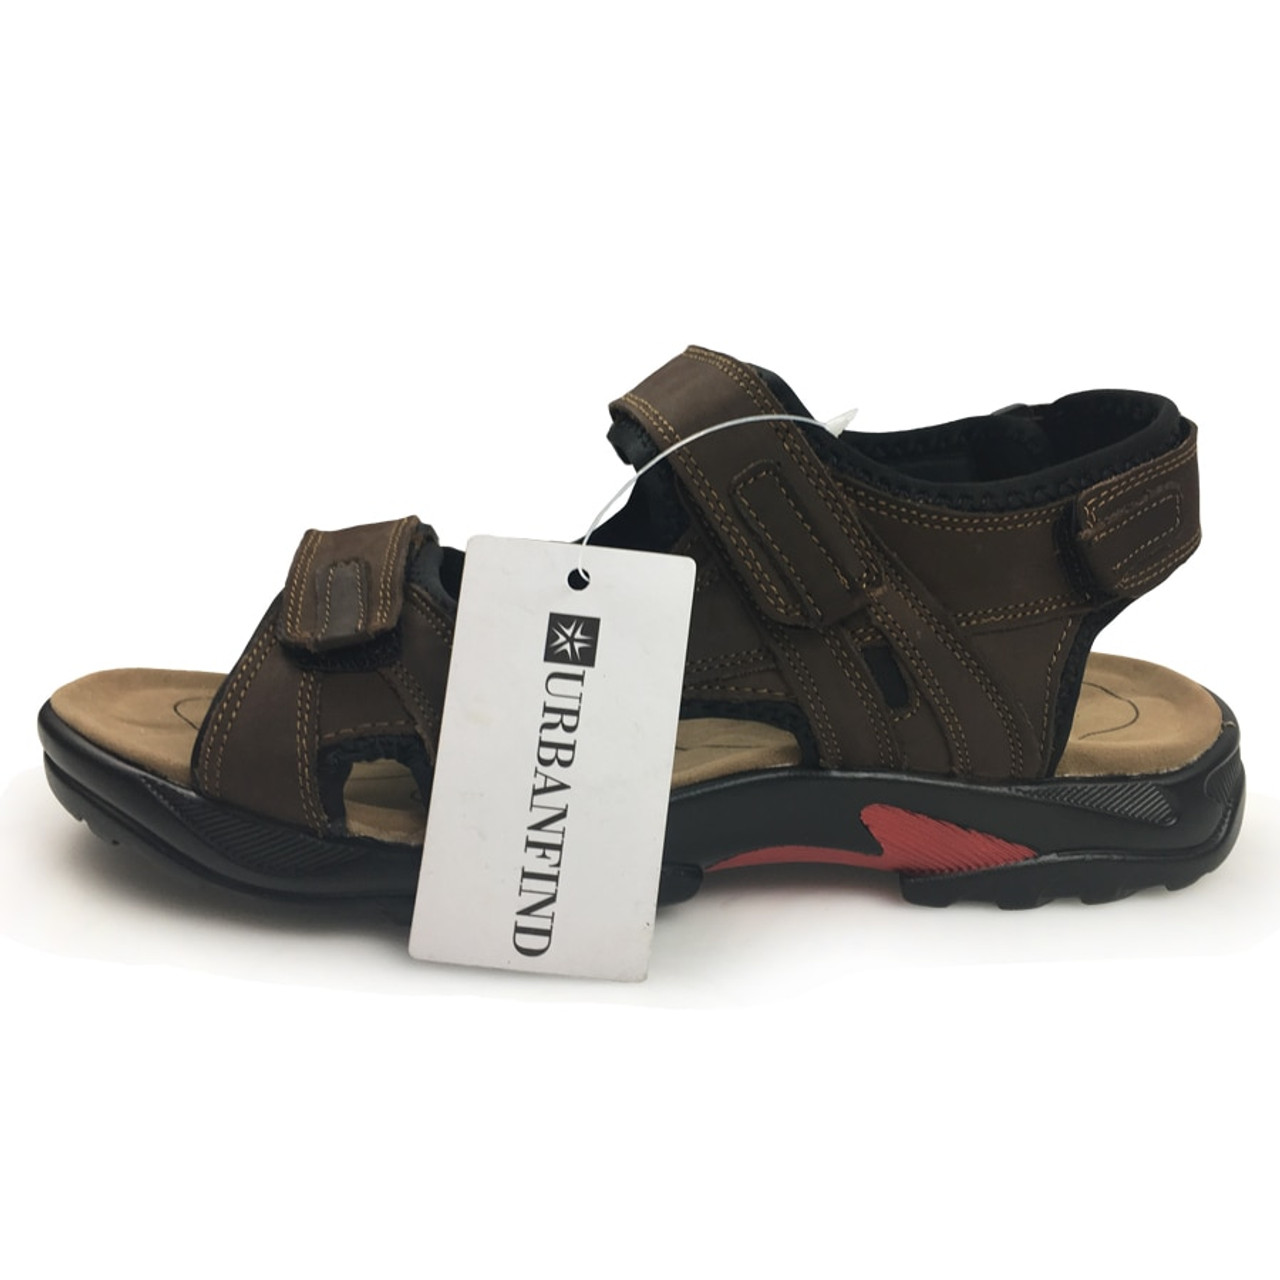 e44de79a3 ... Top quality sandal men sandals summer genuine leather sandals men  outdoor shoes men leather sandals plus ...